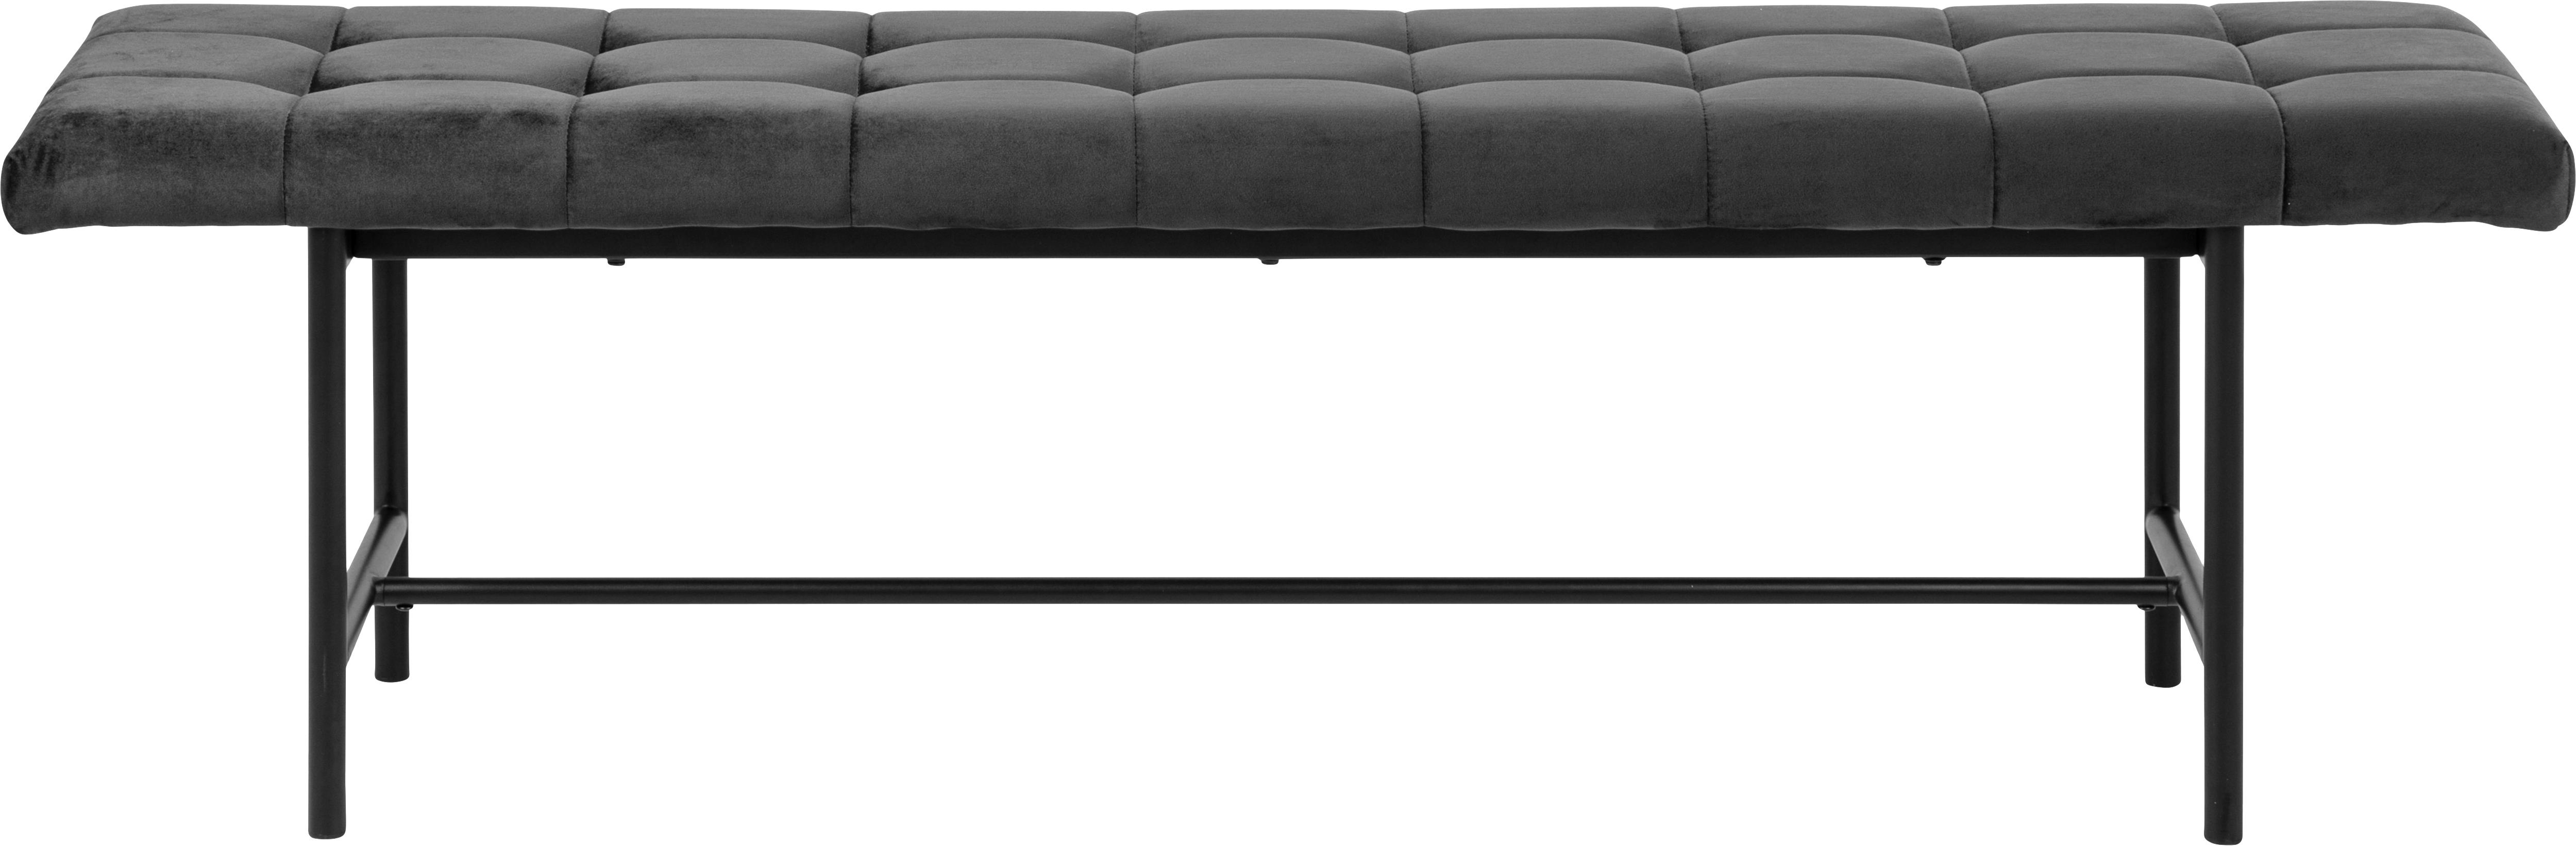 Design Samt-Polsterbank Sigfrid, Bezug: Polyestersamt 25.000 Sche, Beine: Metall, pulverbeschichtet, Dunkelgrau, Schwarz, 160 x 47 cm